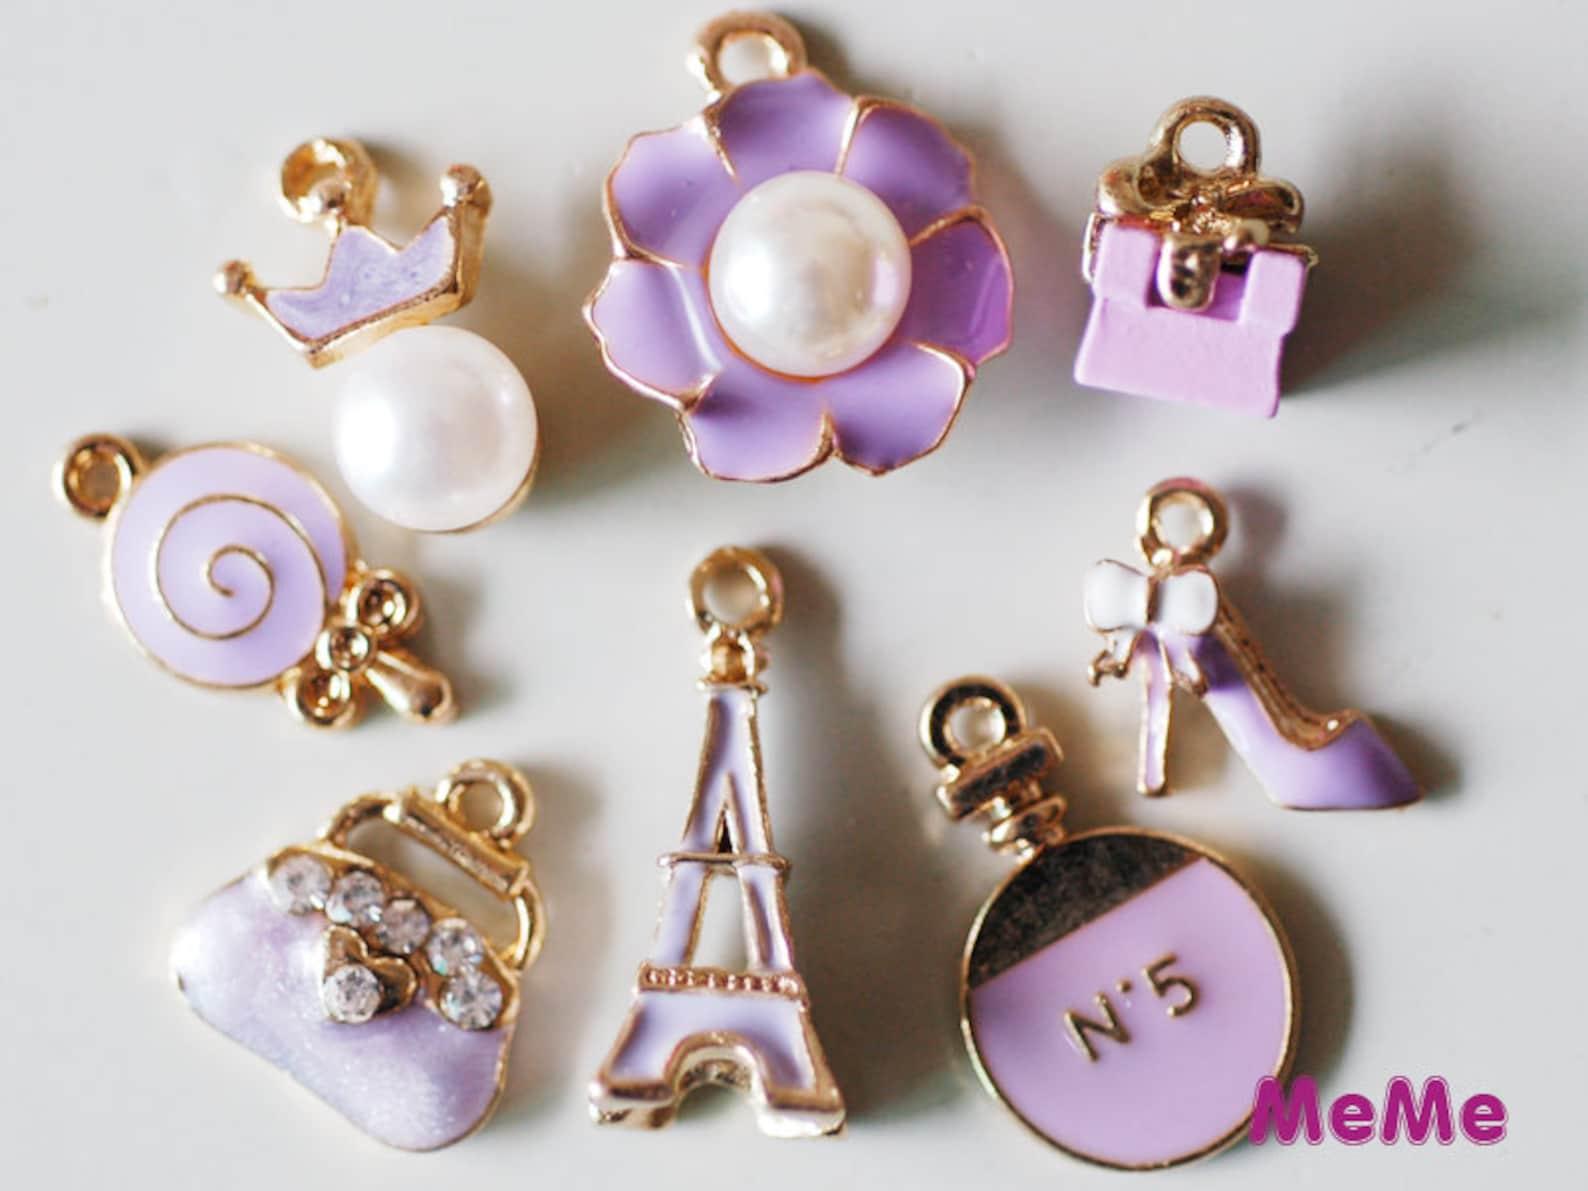 1 set 8 pcs charms lilac alloy purse ballet shoe kawaii bracelets pendants accessories studs cabochon deco den phone case diy de